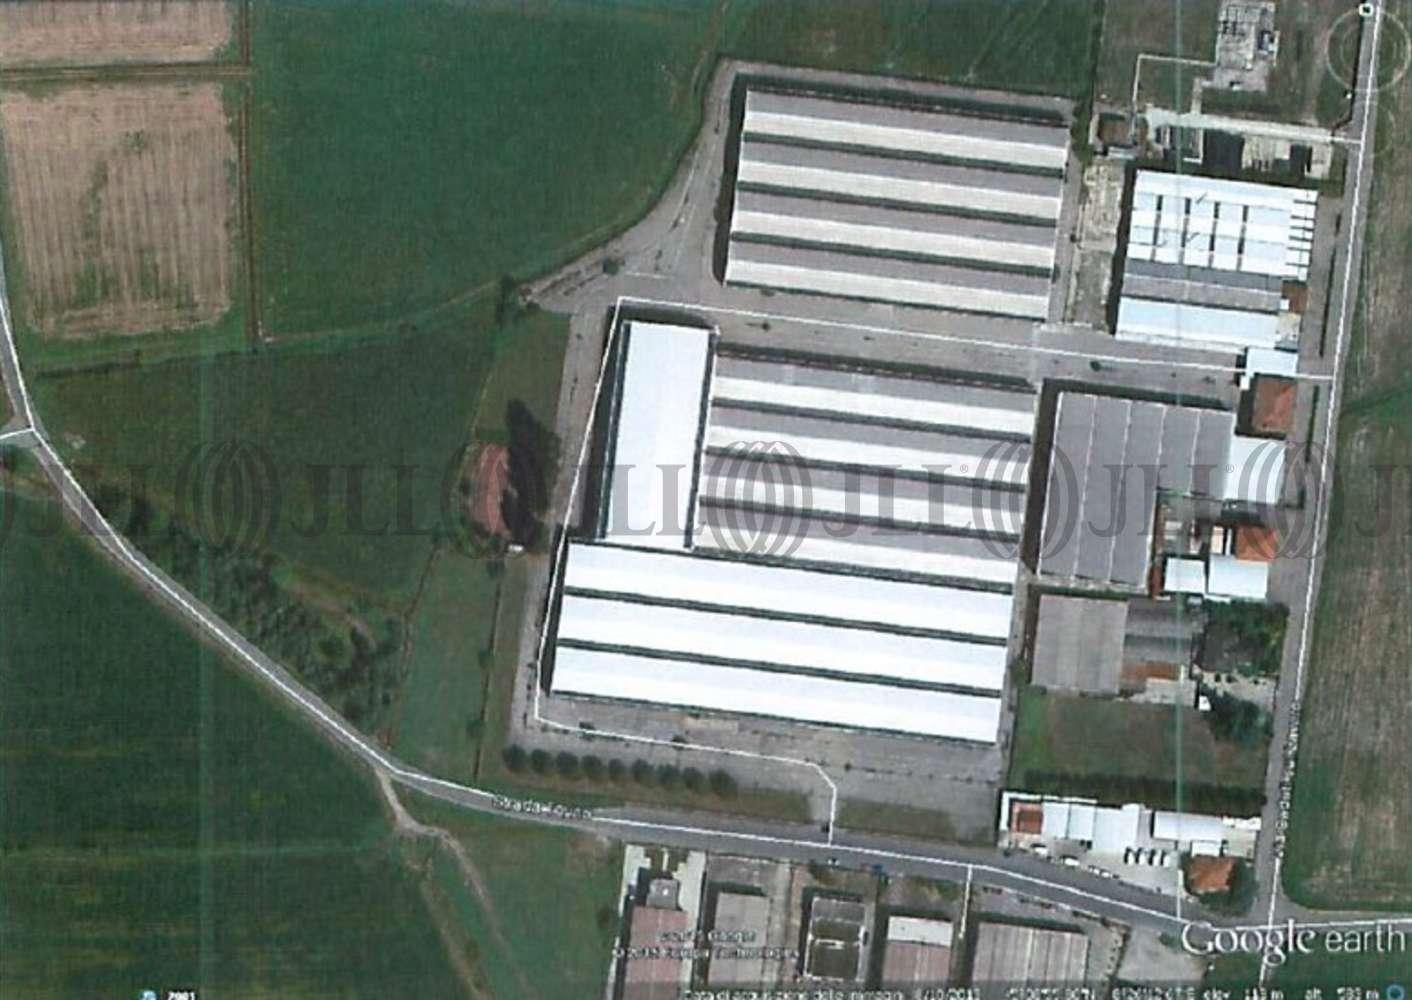 Magazzini industriali e logistici Casale monferrato, 15033 - Casale Monferrato - Via Caduti sul Lavoro